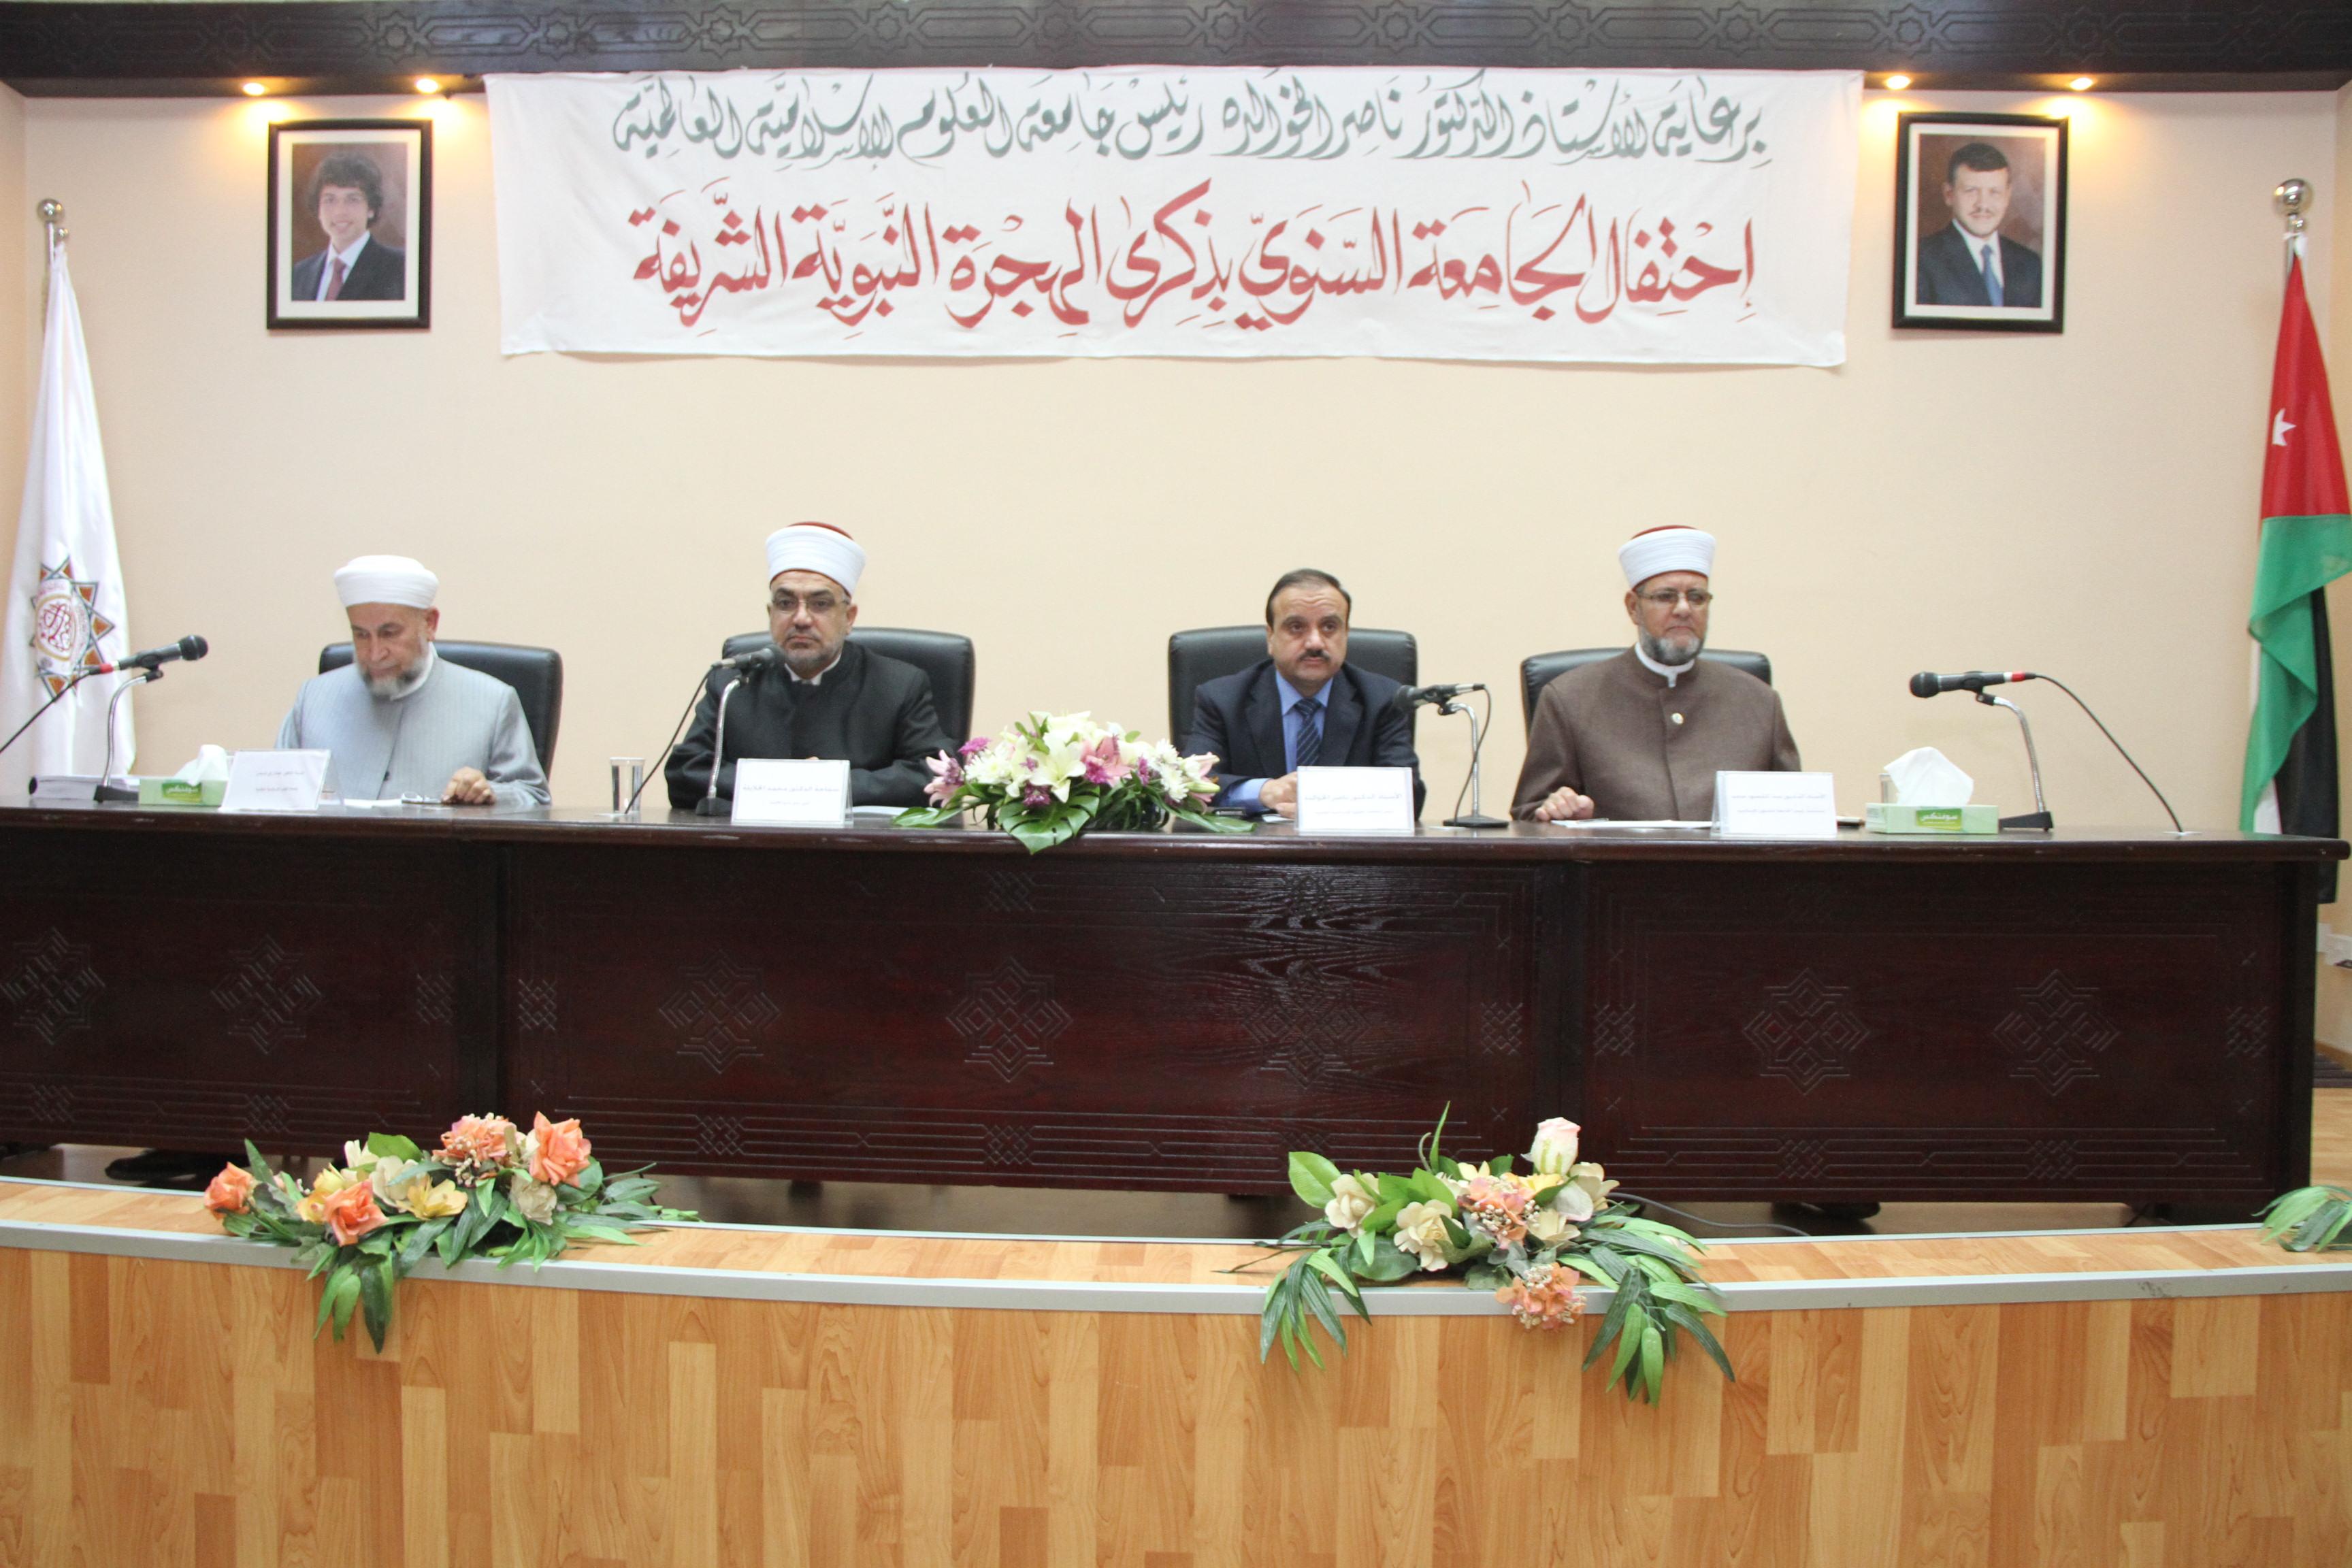 جامعة العلوم الإسلامية العالمية تحتفل بذكرى الهجرة النبوية